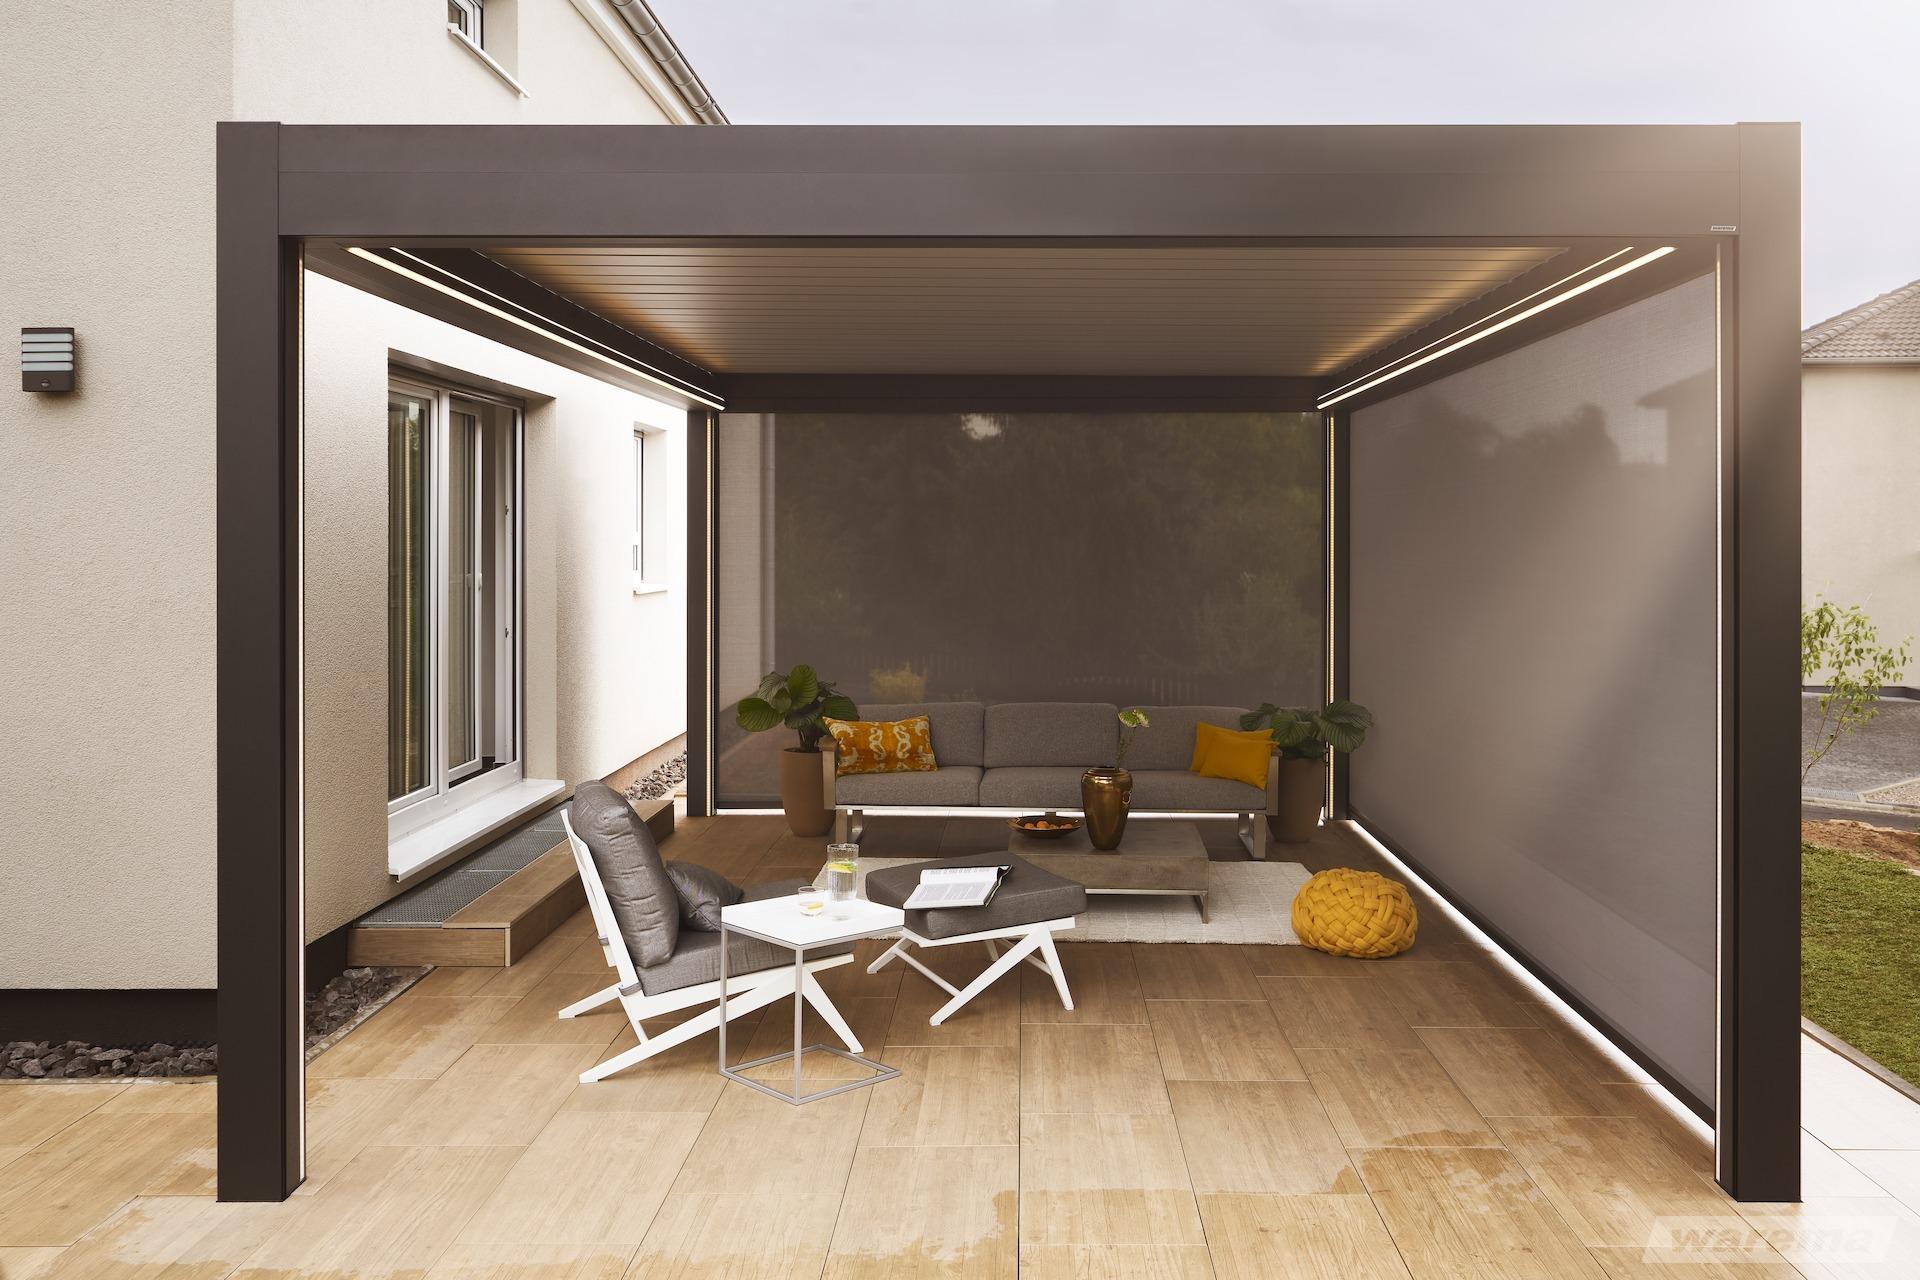 terrassenüberdachung mit montage